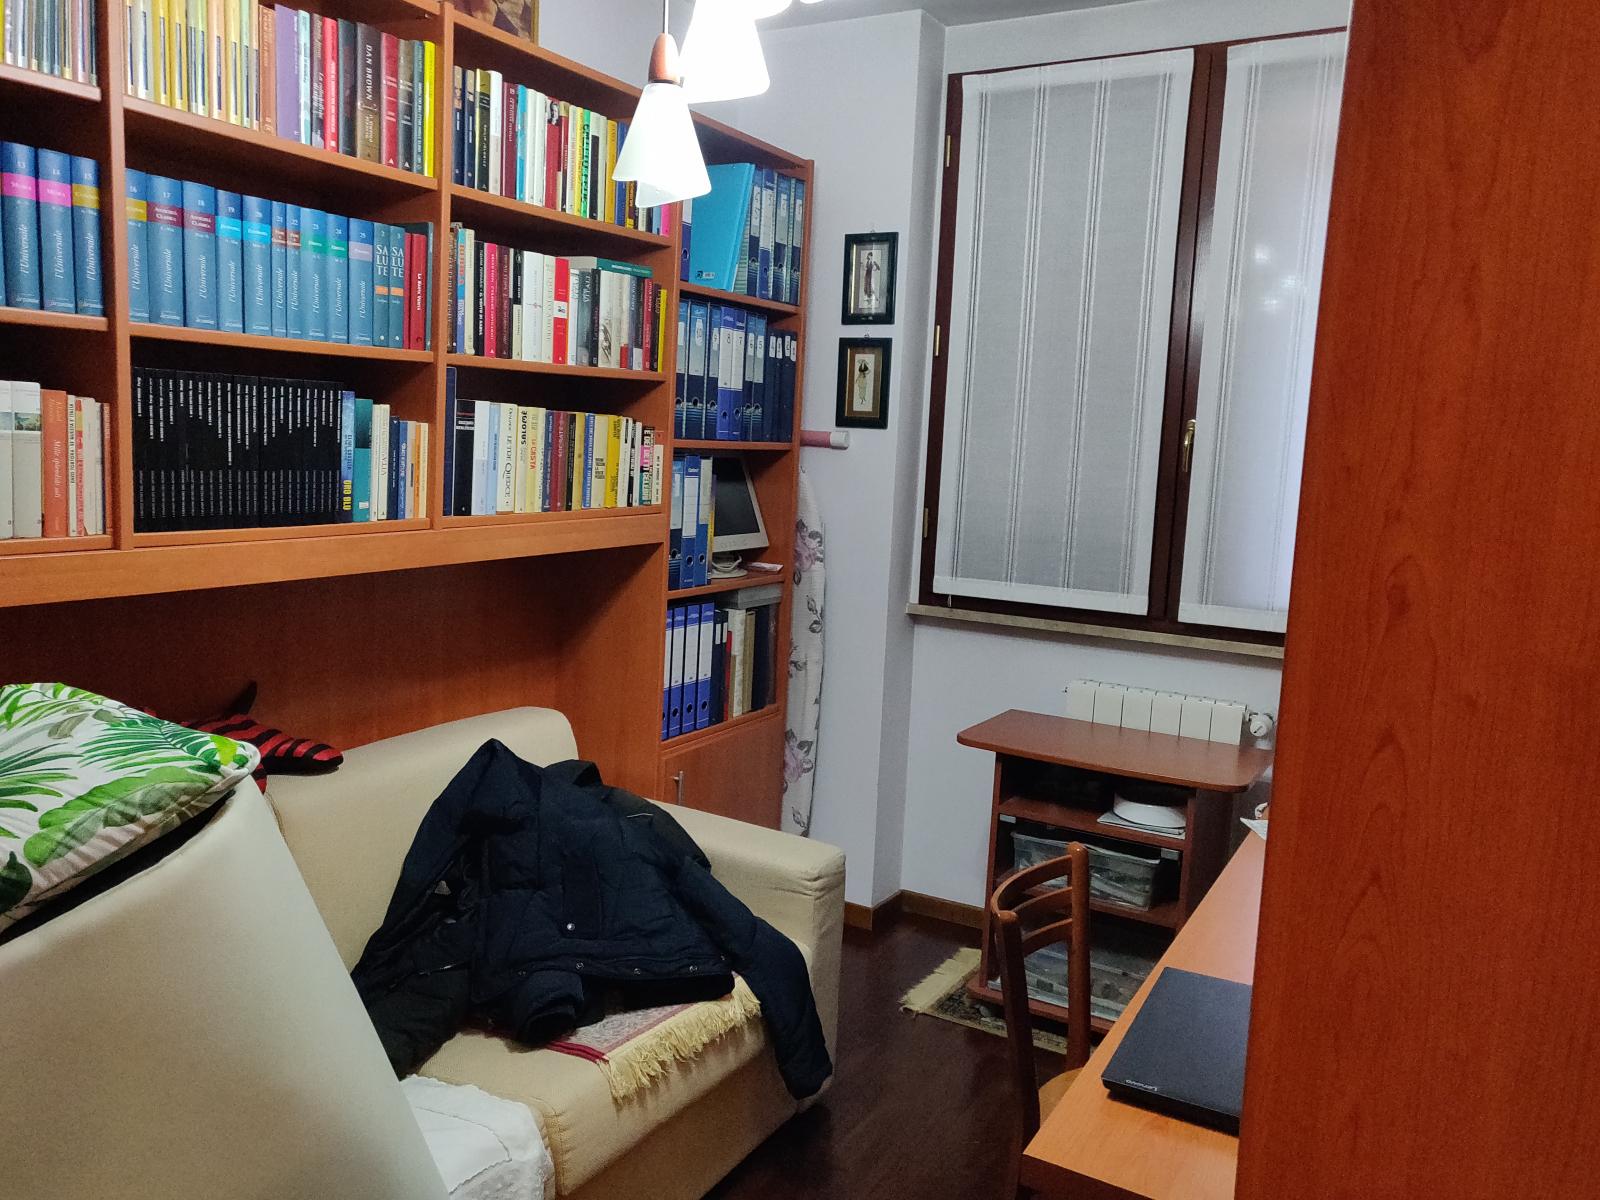 3-locali-trilocale-in-vendita-a-milano-rozzano-quinto-de-stampi-spaziourbano-immobiliare-vende-7